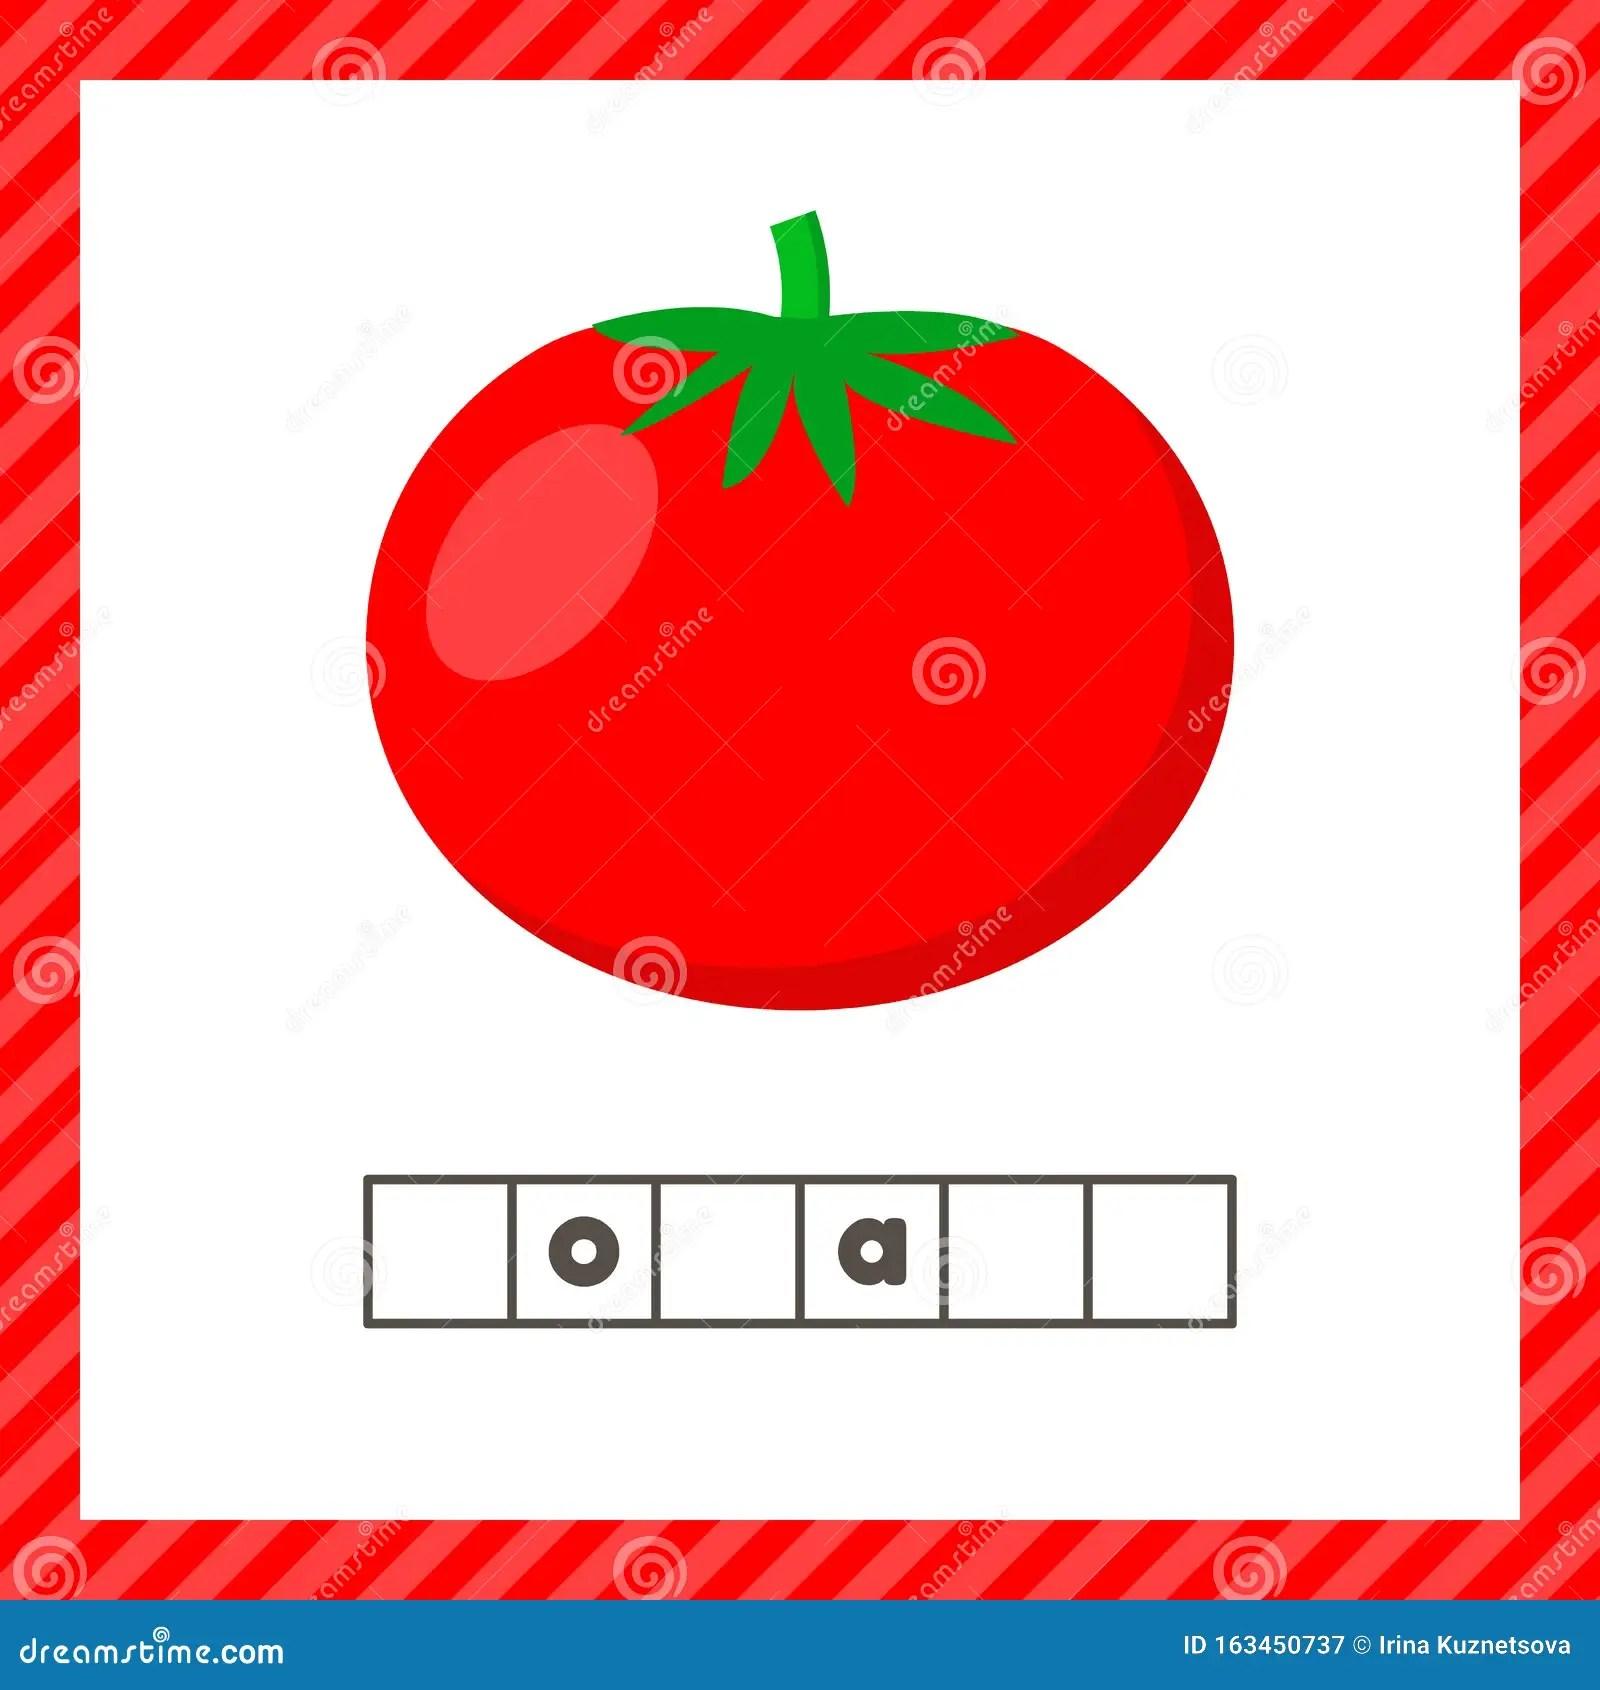 Vegetable Tomato Educational Logic Worksheet For